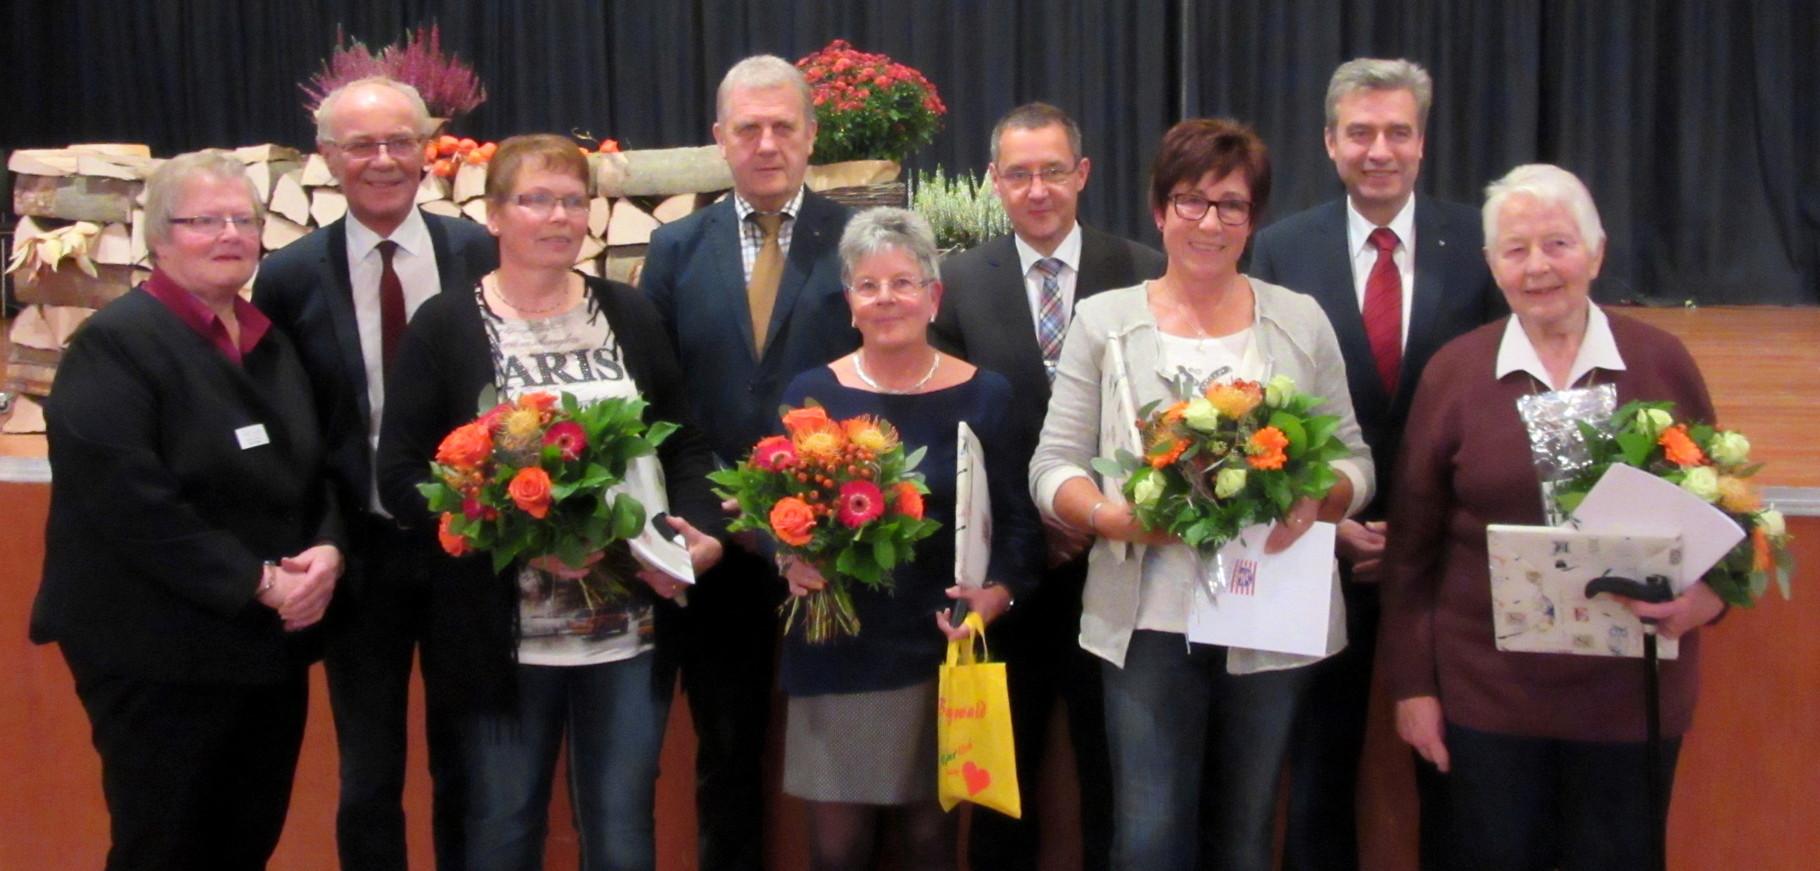 Landfrauentag am 28.10.15. Verleihung des Landesehrenbriefs an Hiltrud Möller